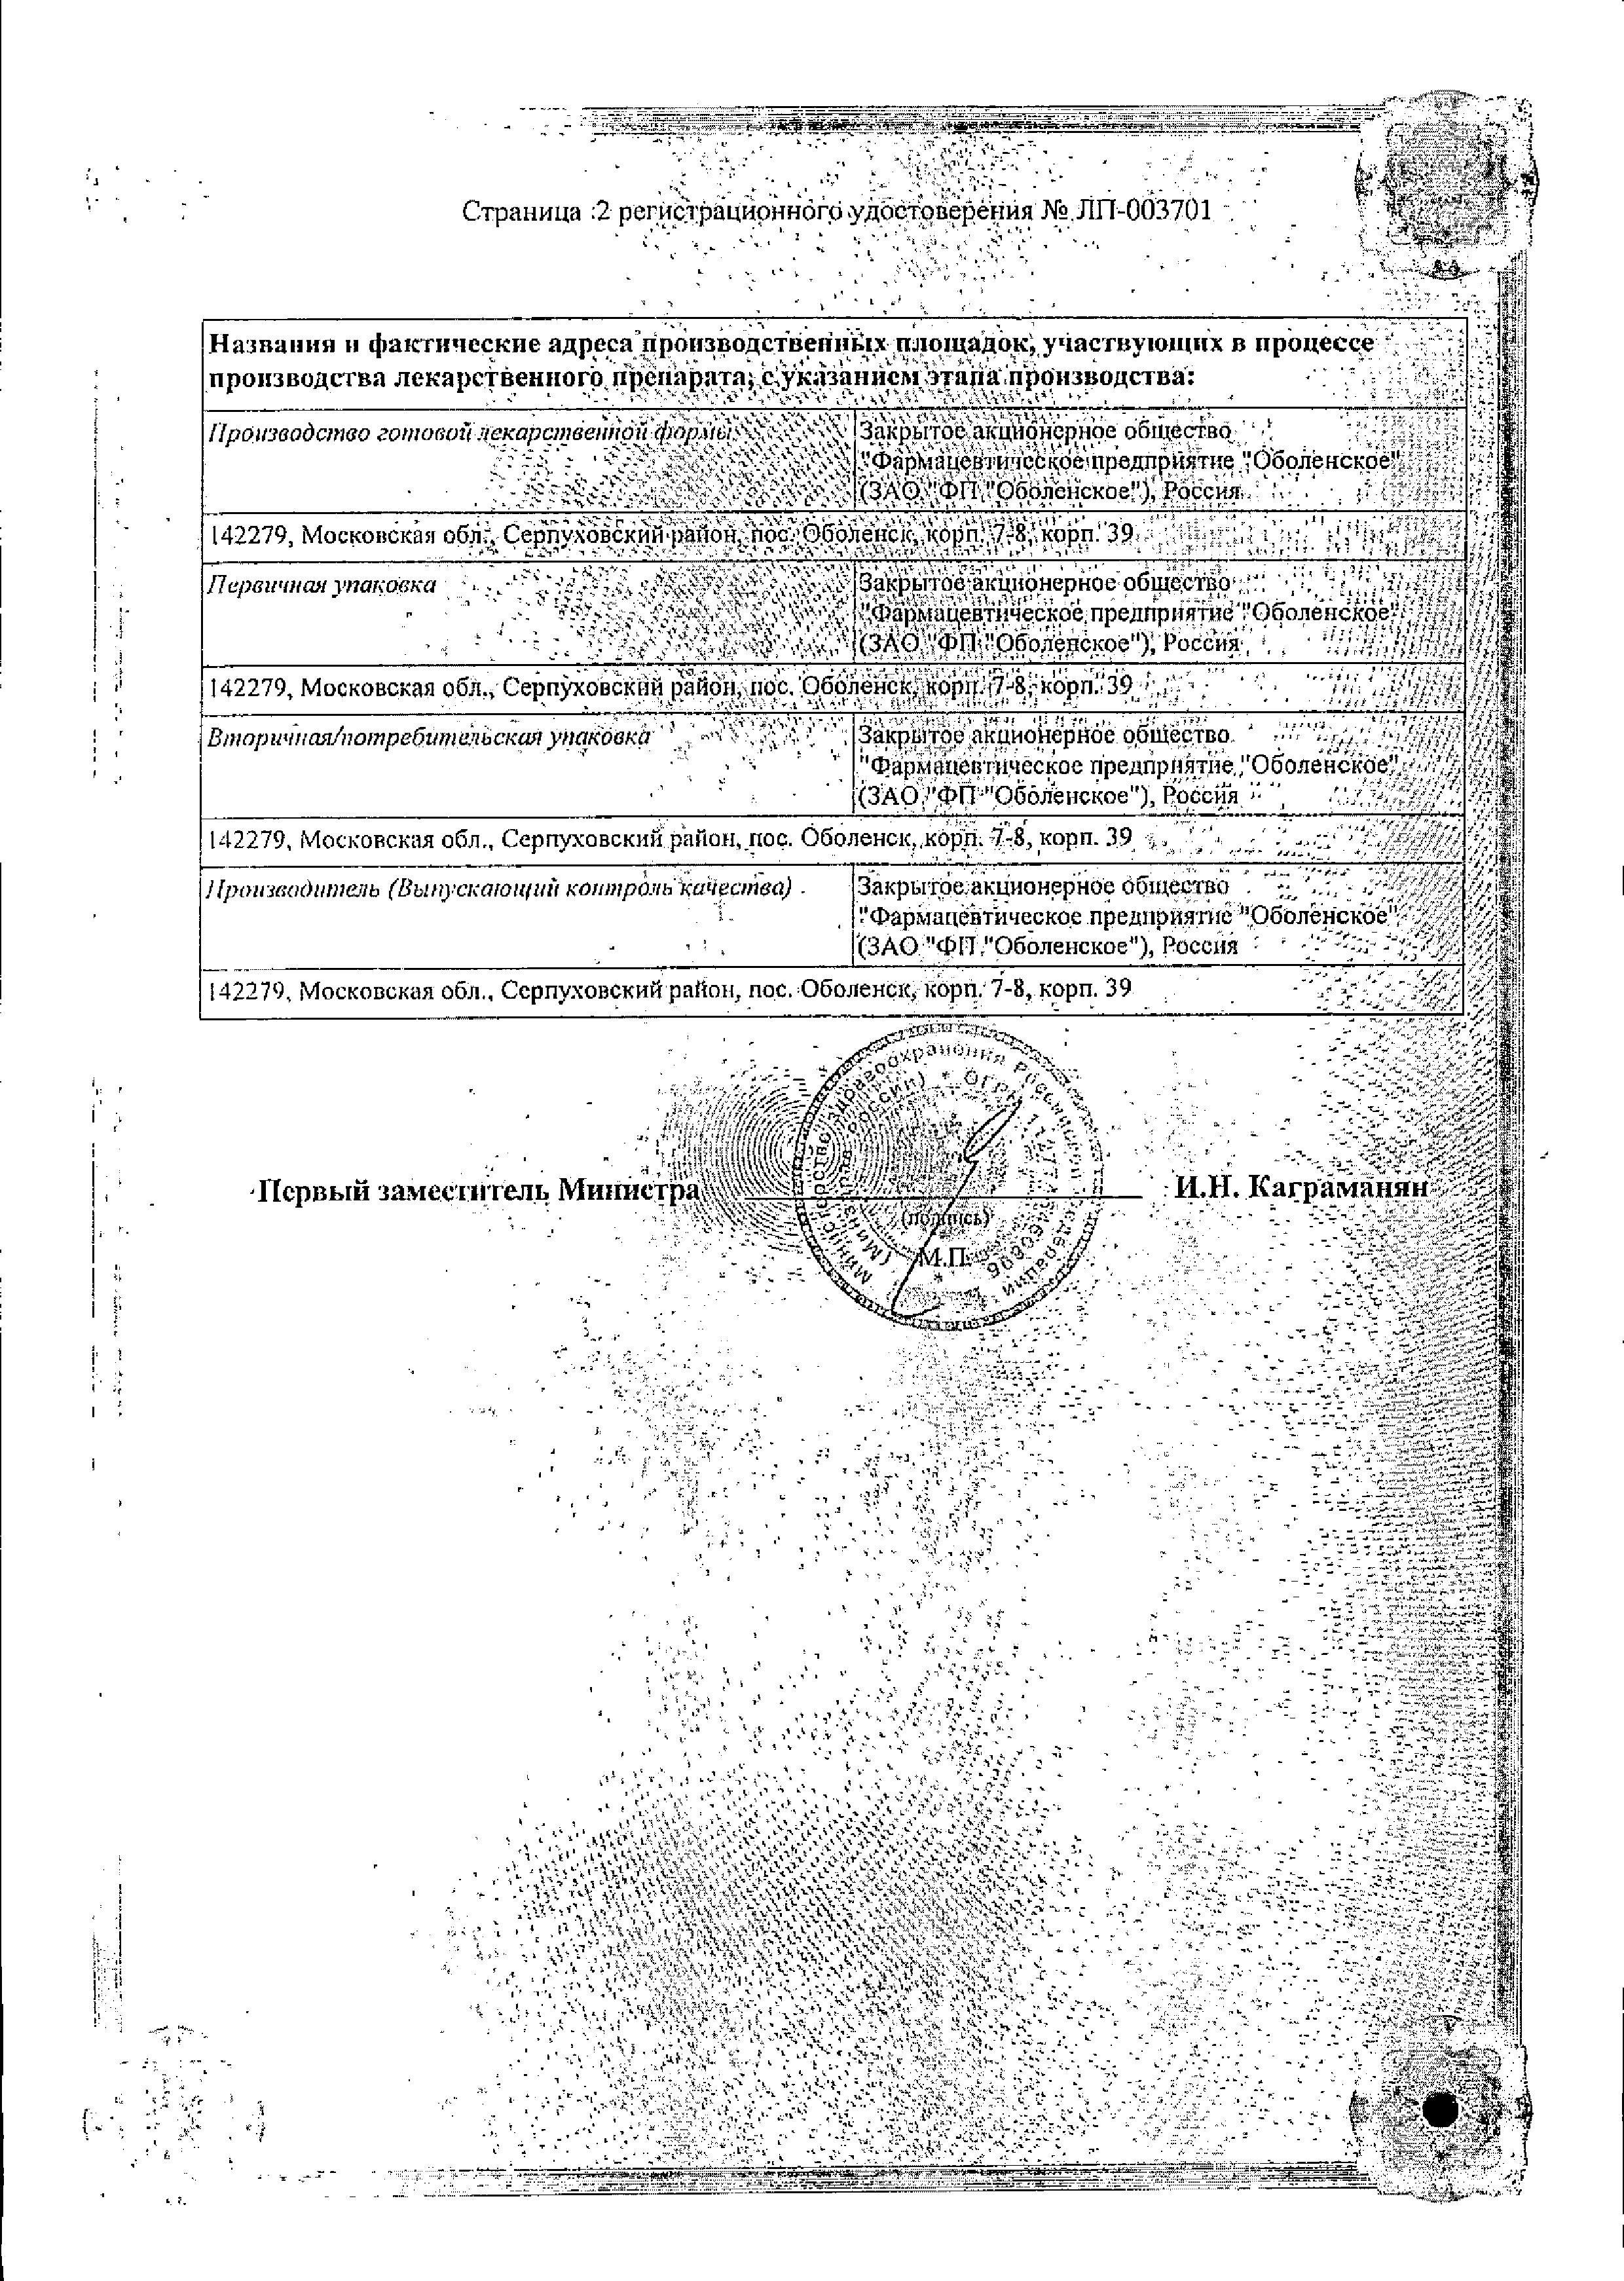 Мигрепам сертификат